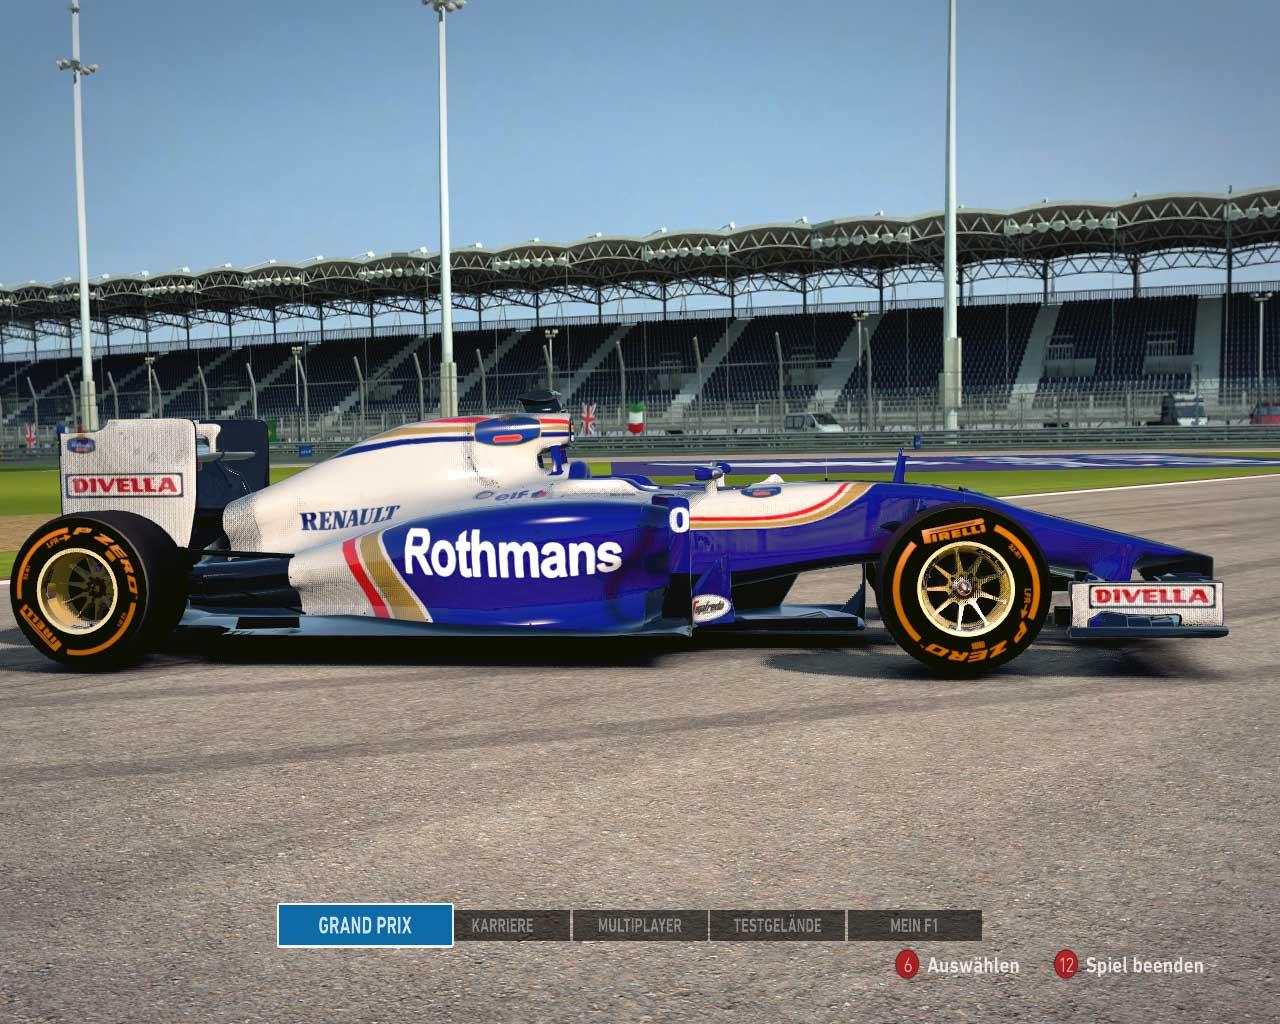 F1 2014 Team Williams Mod 1994